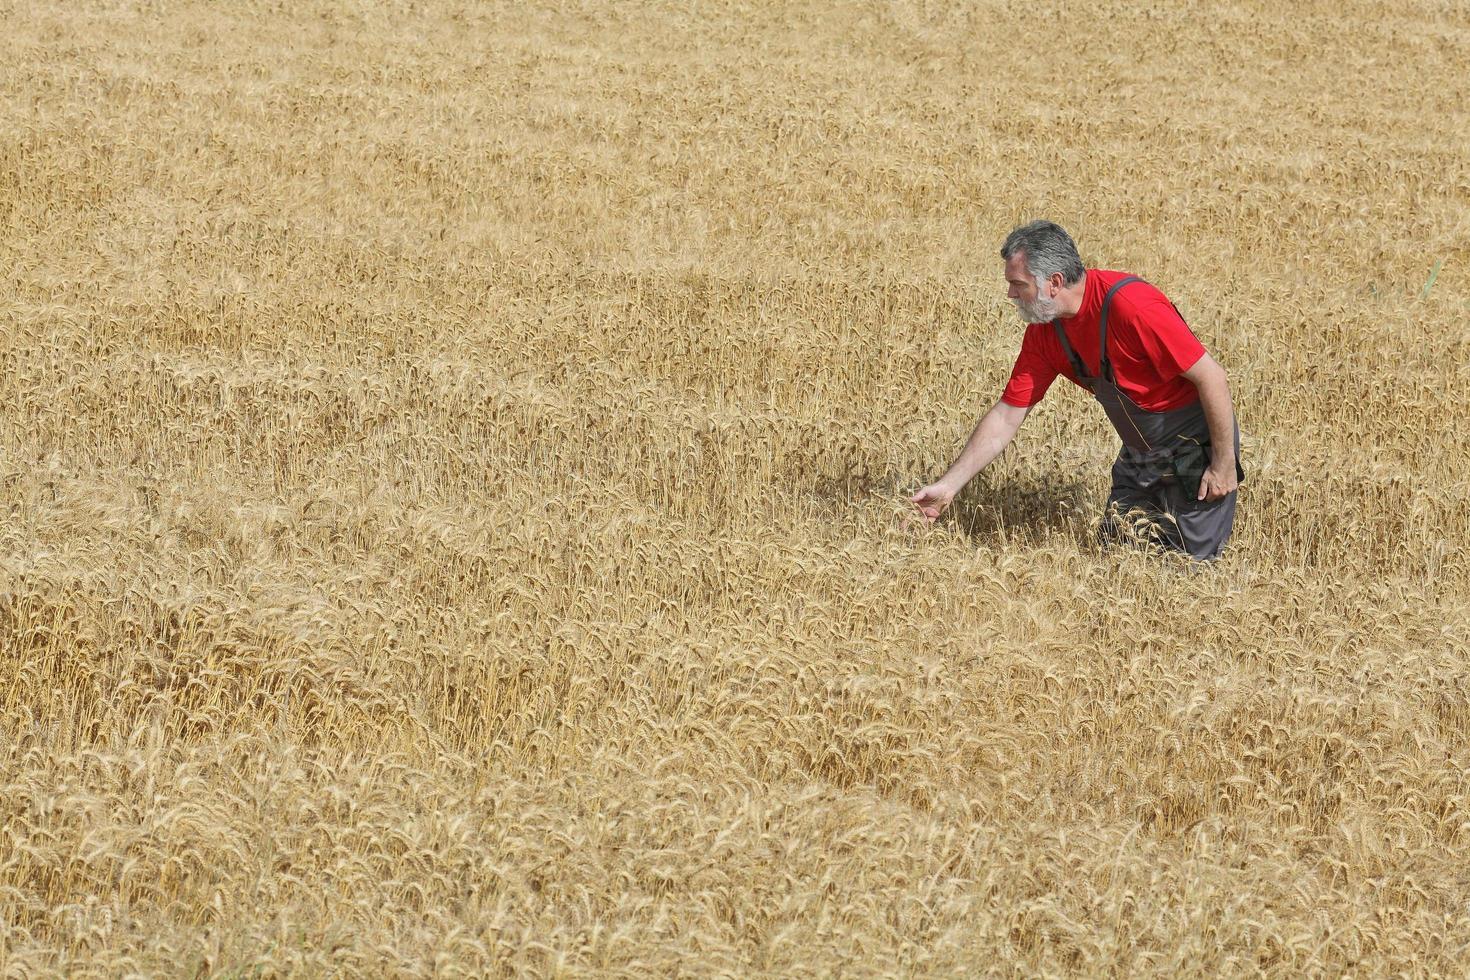 scena agricola, agricoltore o agronomo ispezionano il campo di grano foto